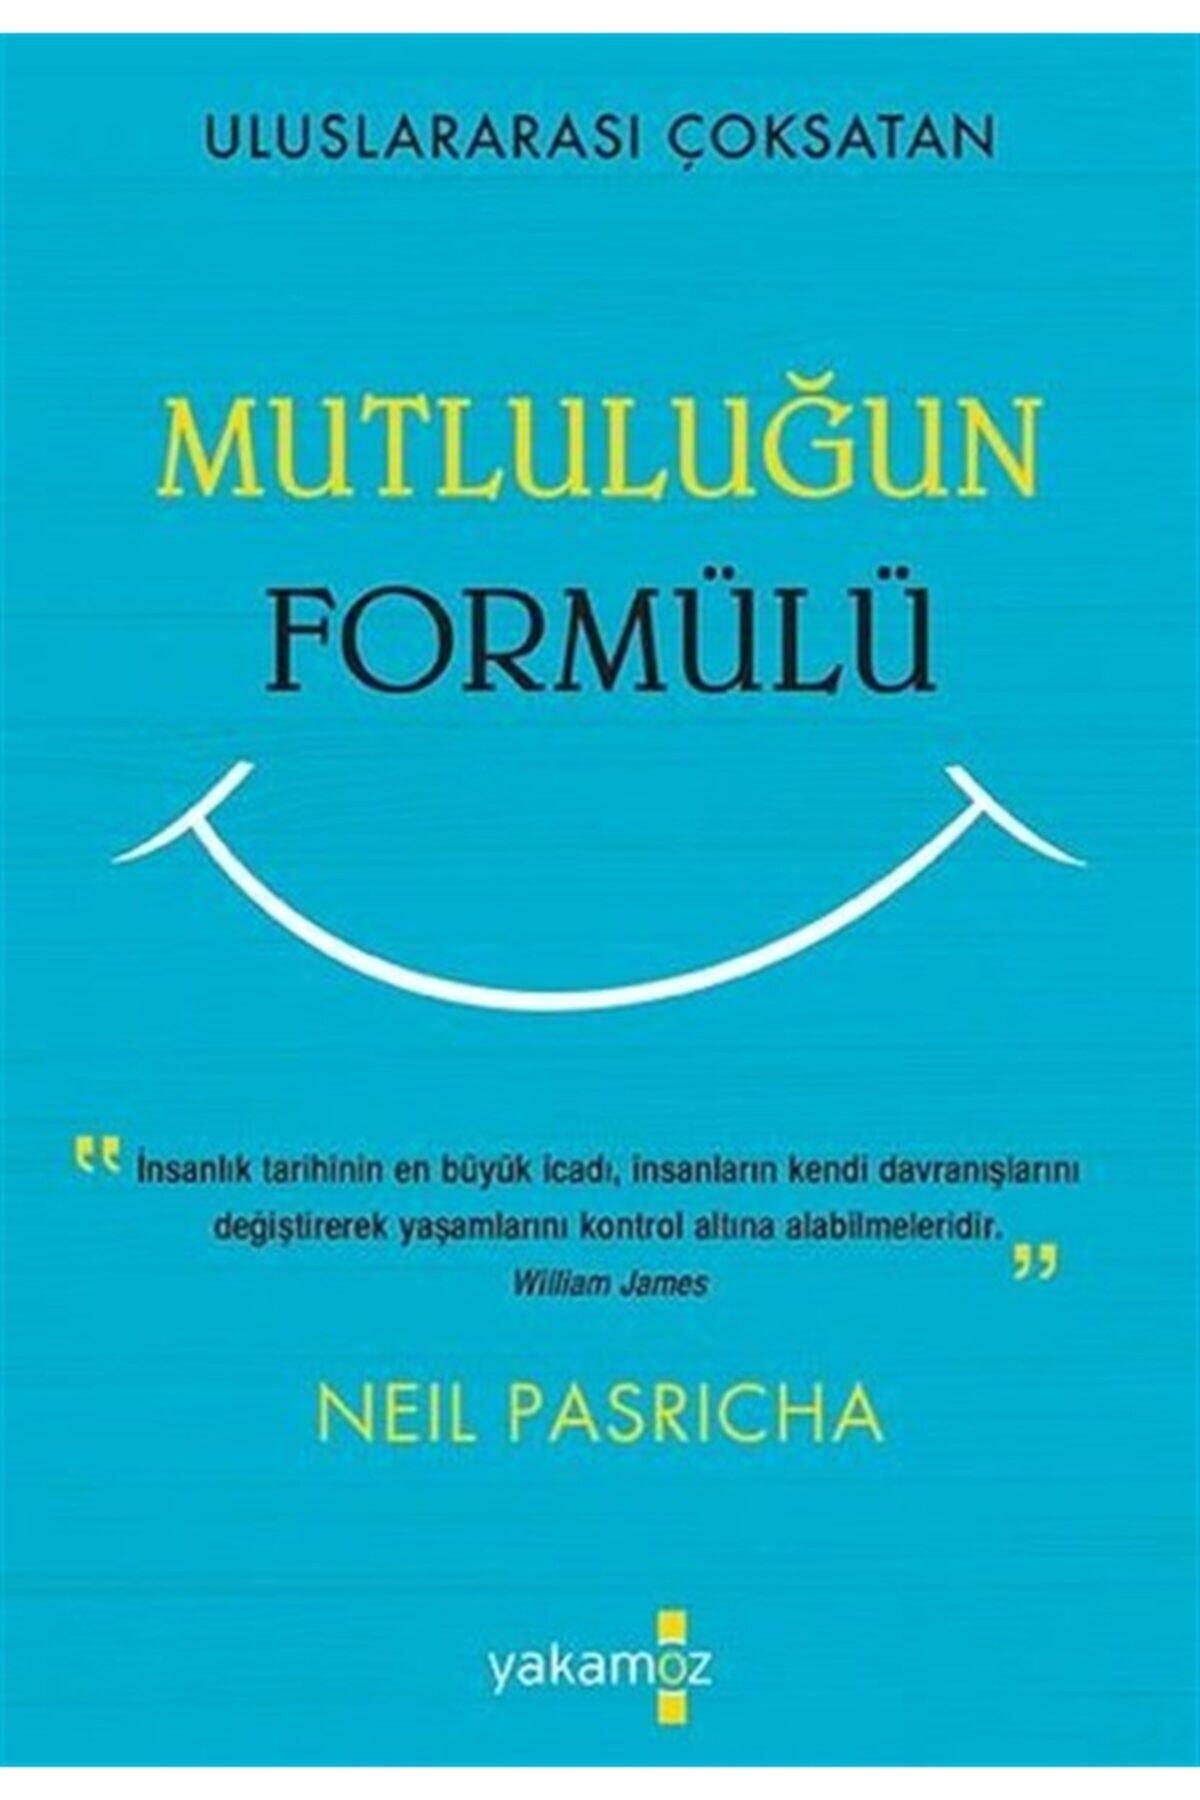 Yakamoz Yayınları Mutluluğun Formülü 1